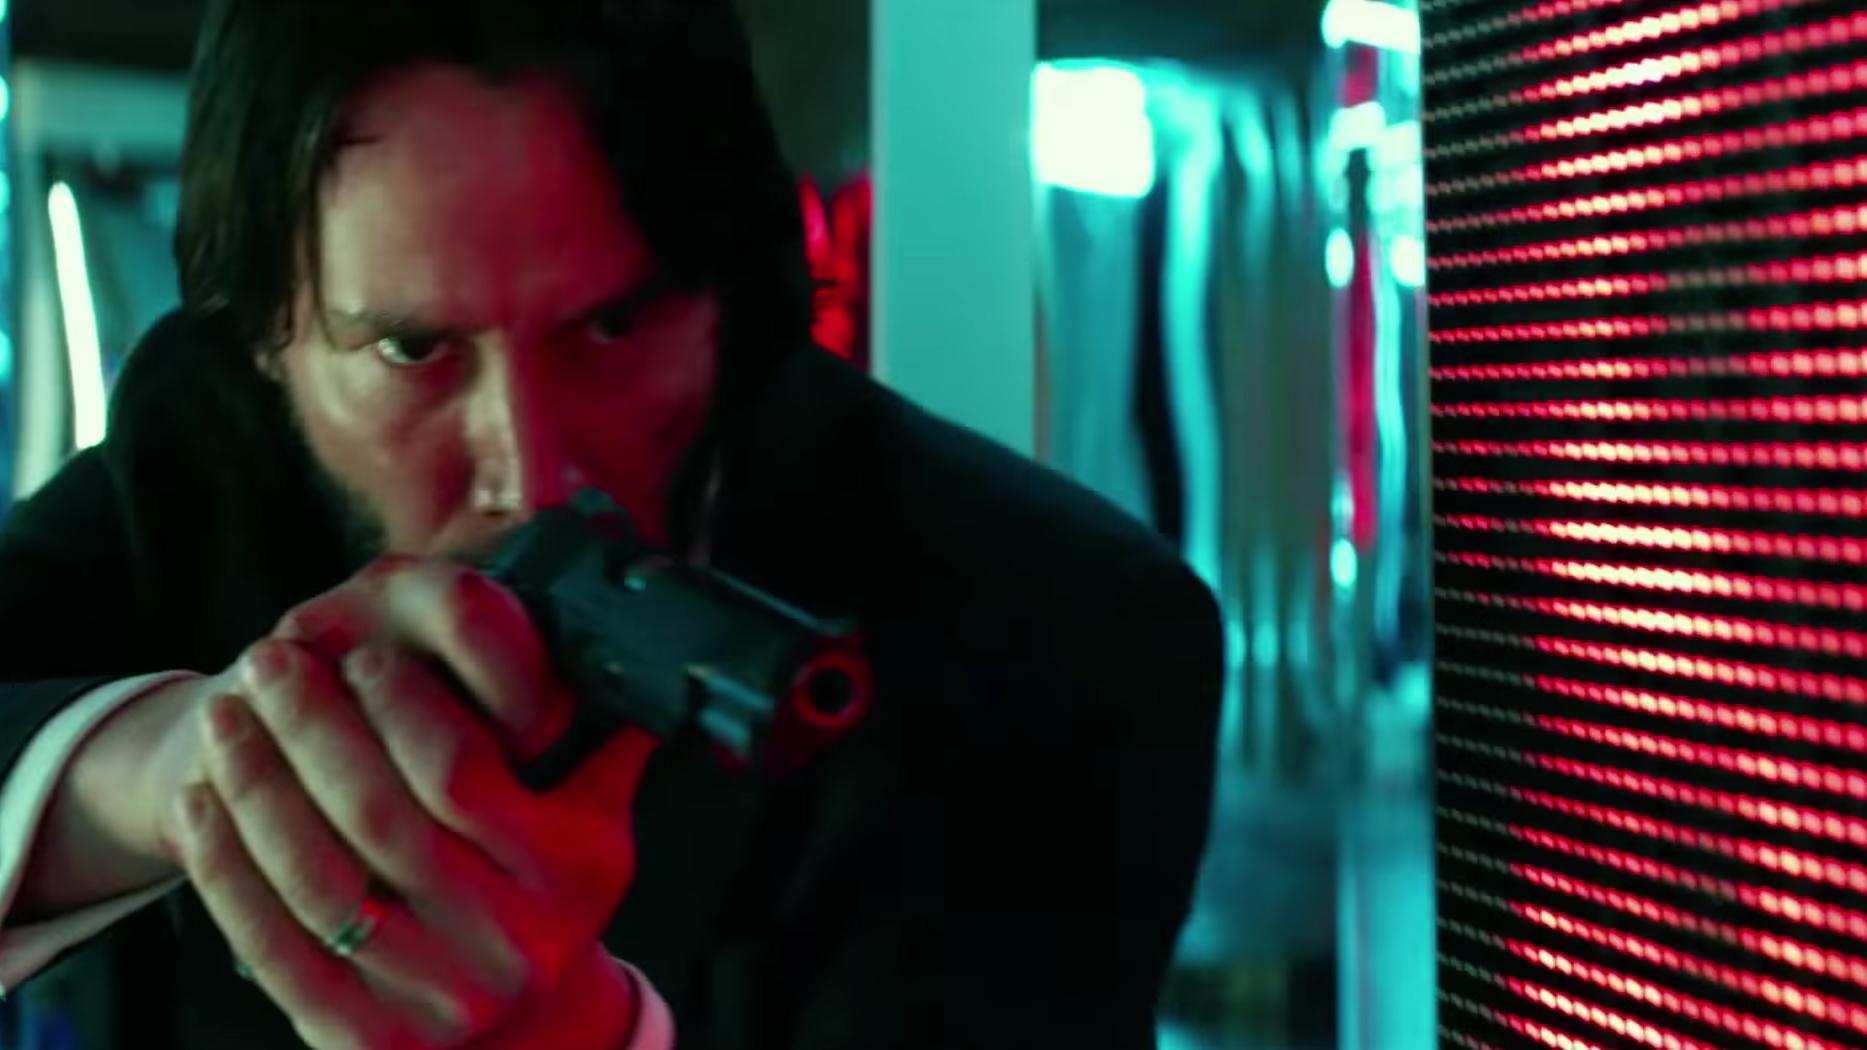 John Wick 2: John Wick 2 Trailer: Keanu Reeves Goes Off In High-octane